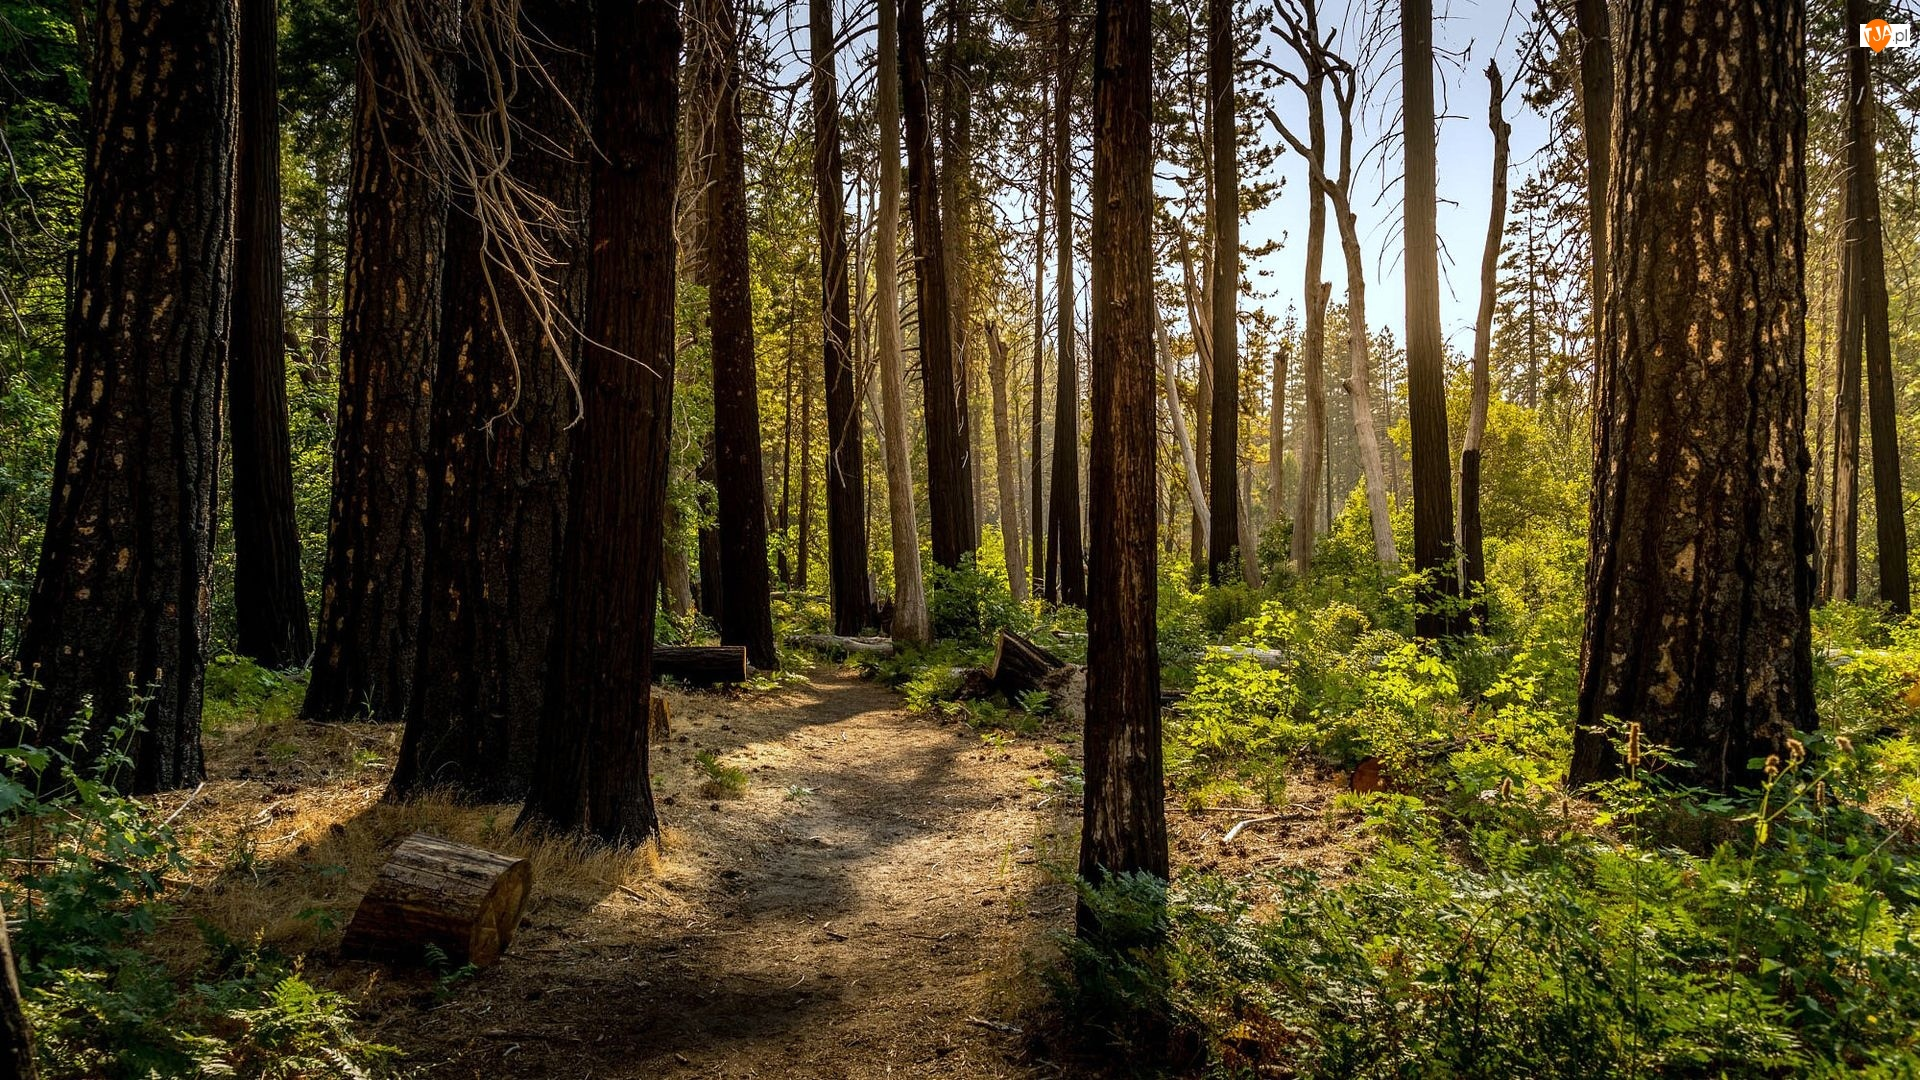 Krzewy, Las, Drzewa, Ścieżka